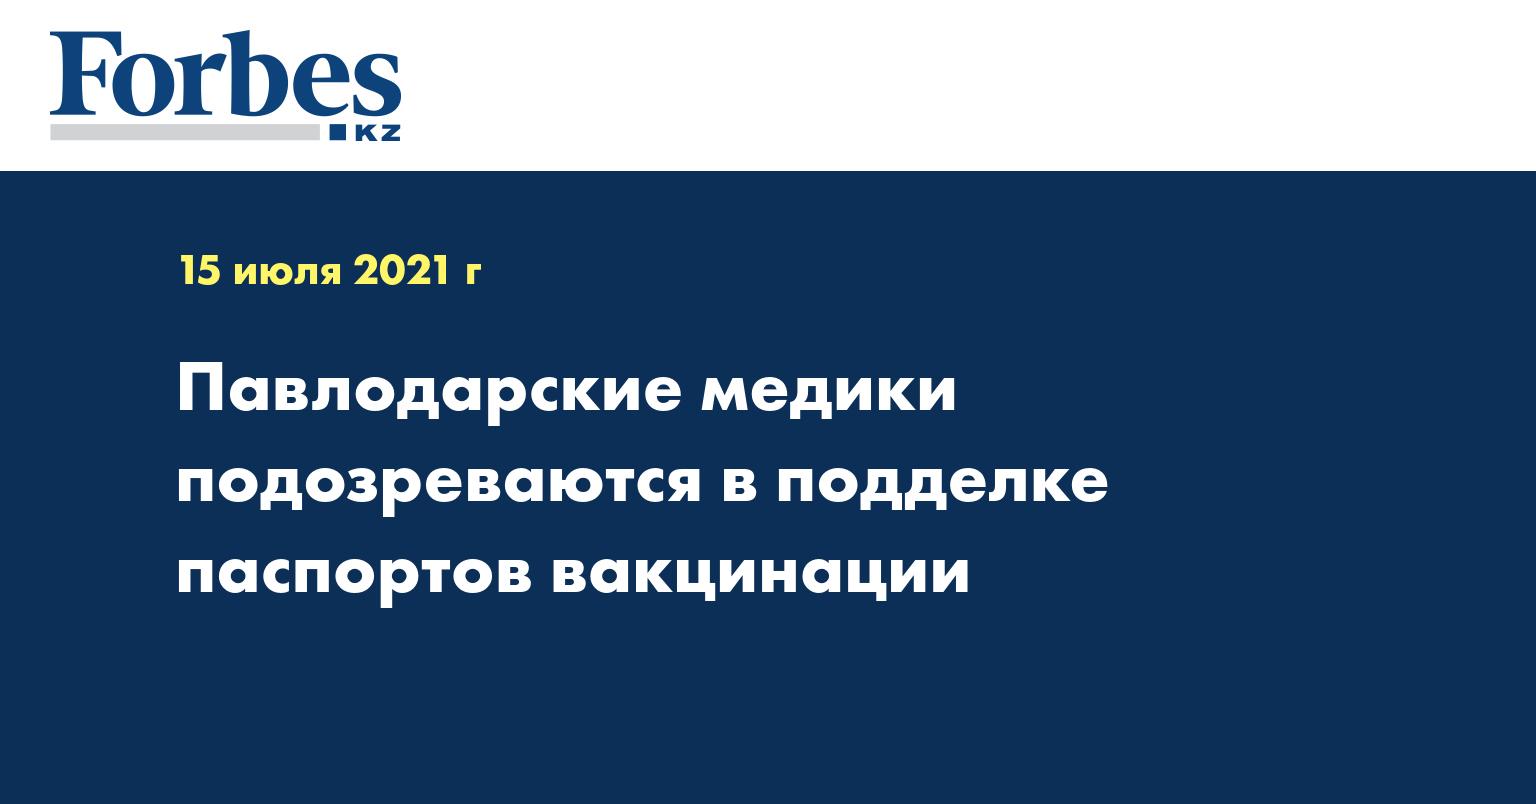 Павлодарские медики подозреваются в подделке паспортов вакцинации